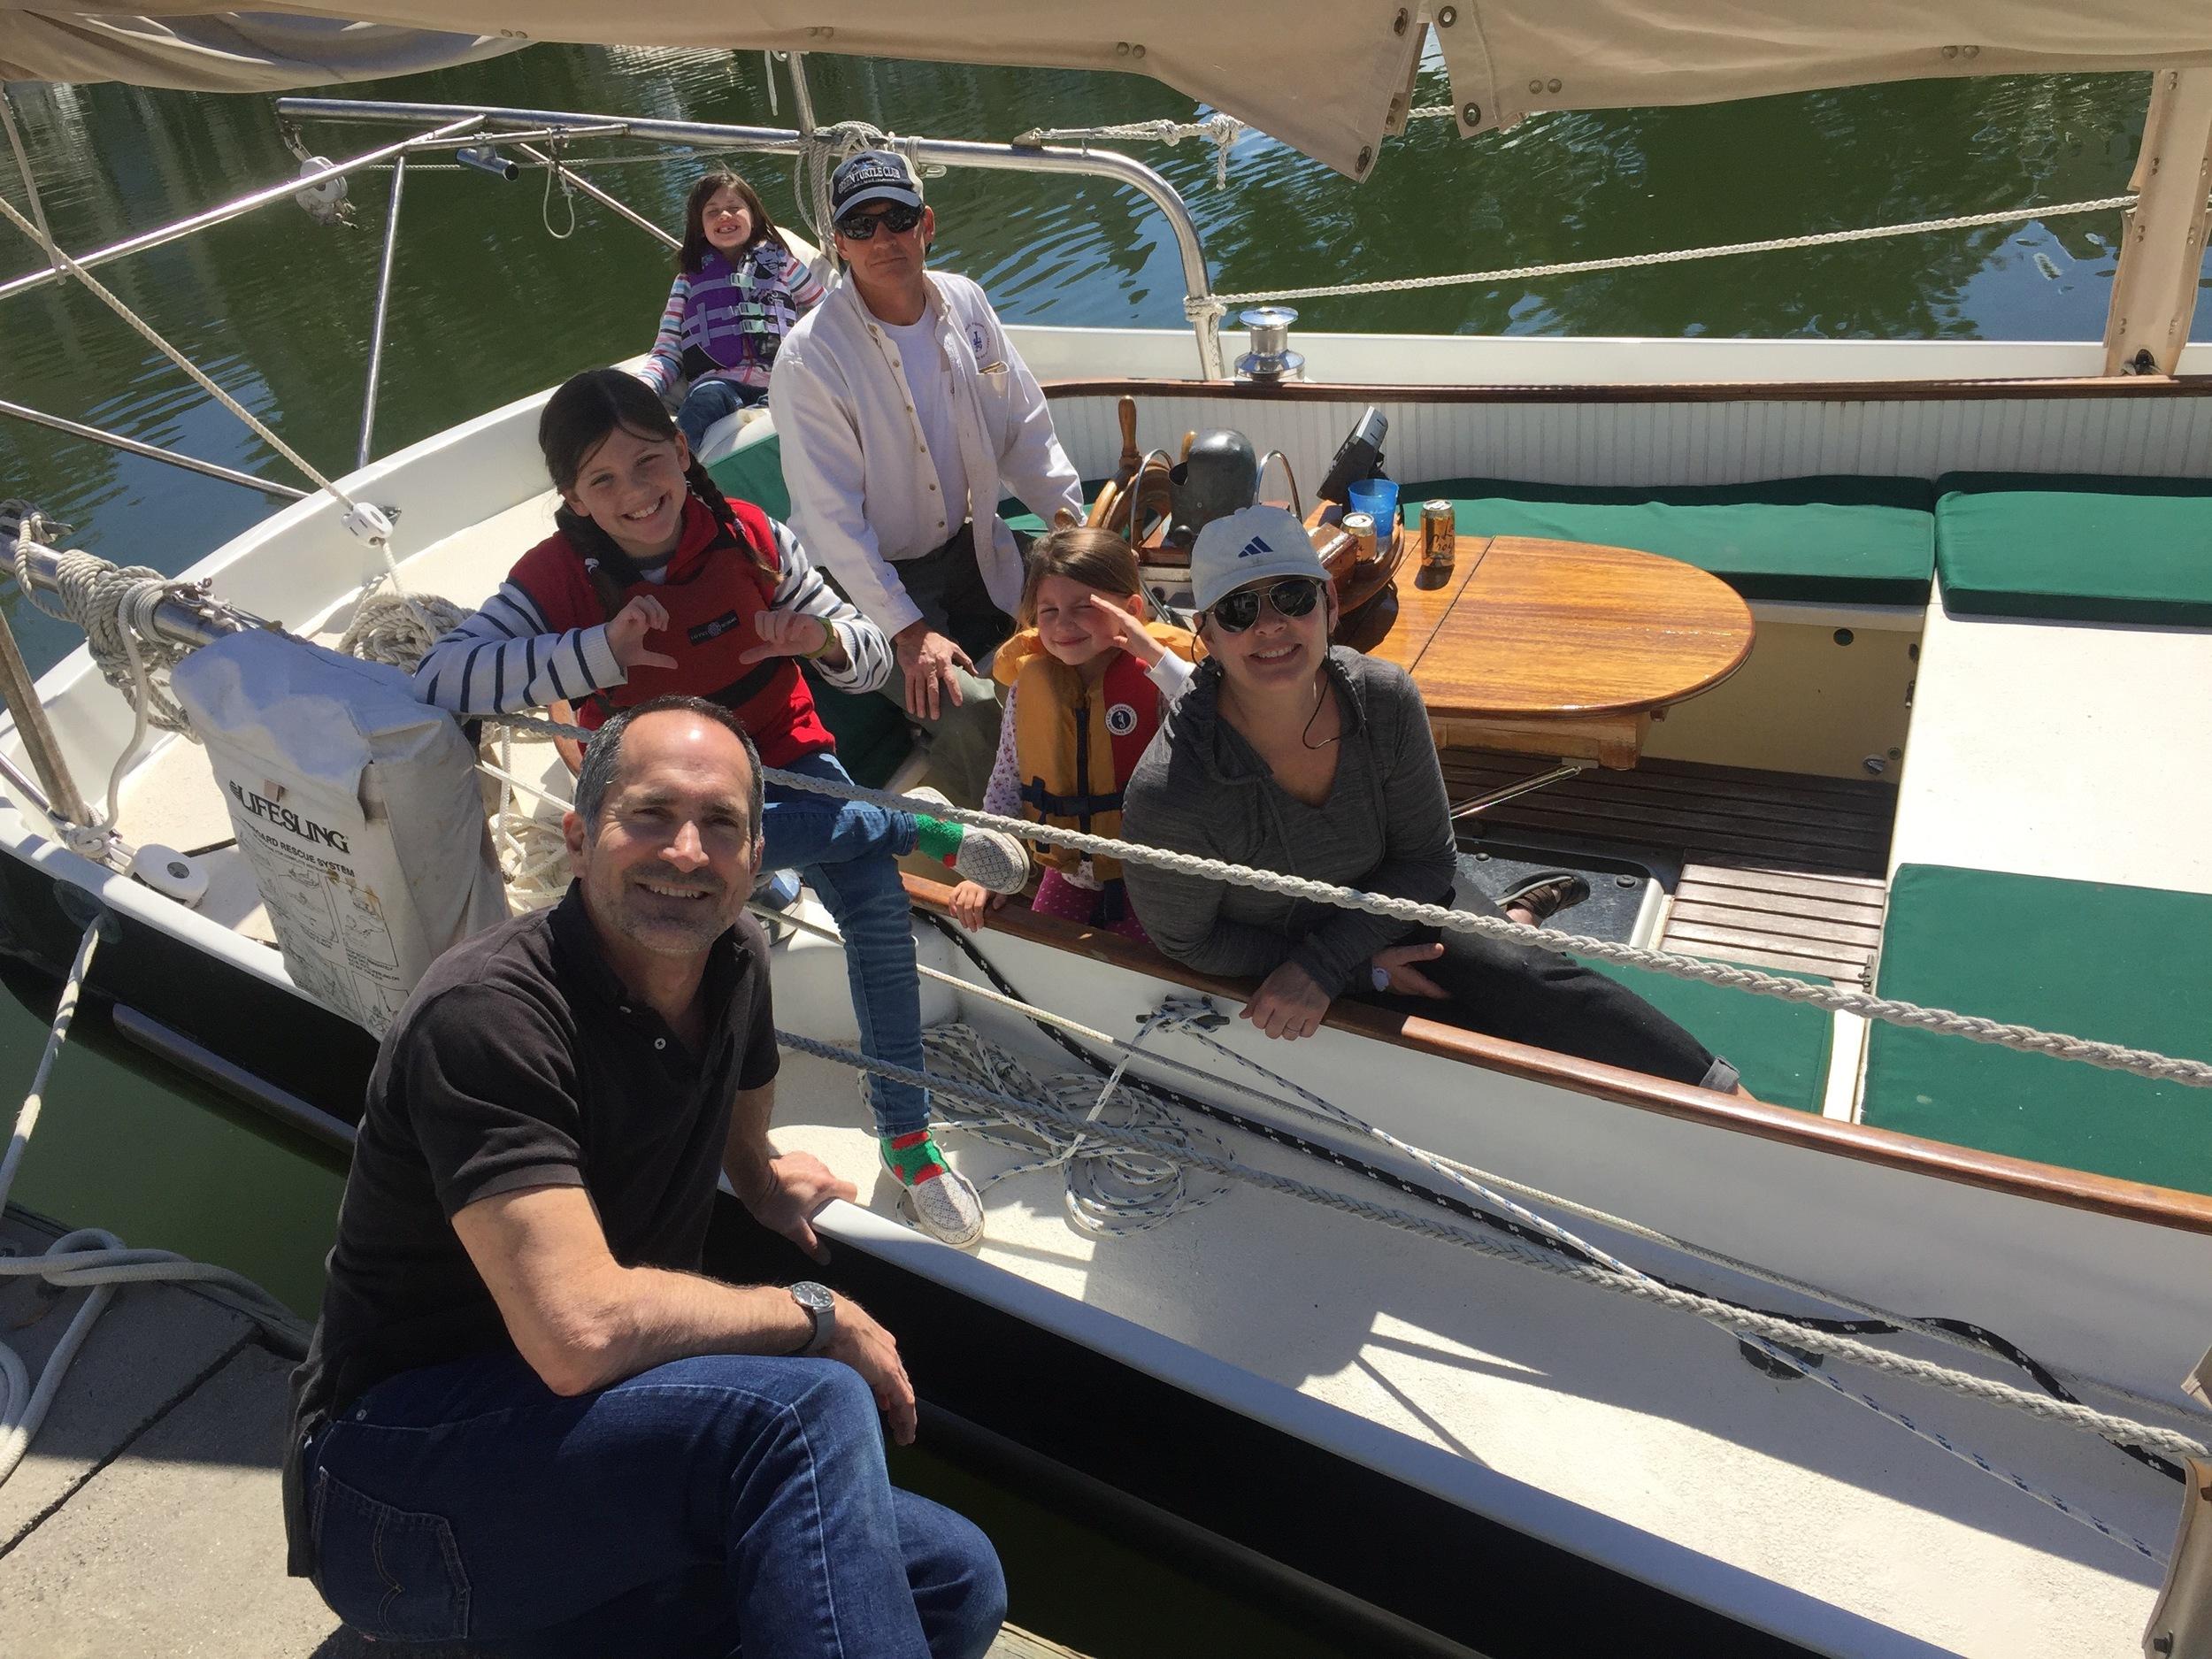 My crew: Greg Schenkel, Ransom Edwards, Ruth Love Edwards, Lee Edwards, Camellia Edwards and Brucie Holler.